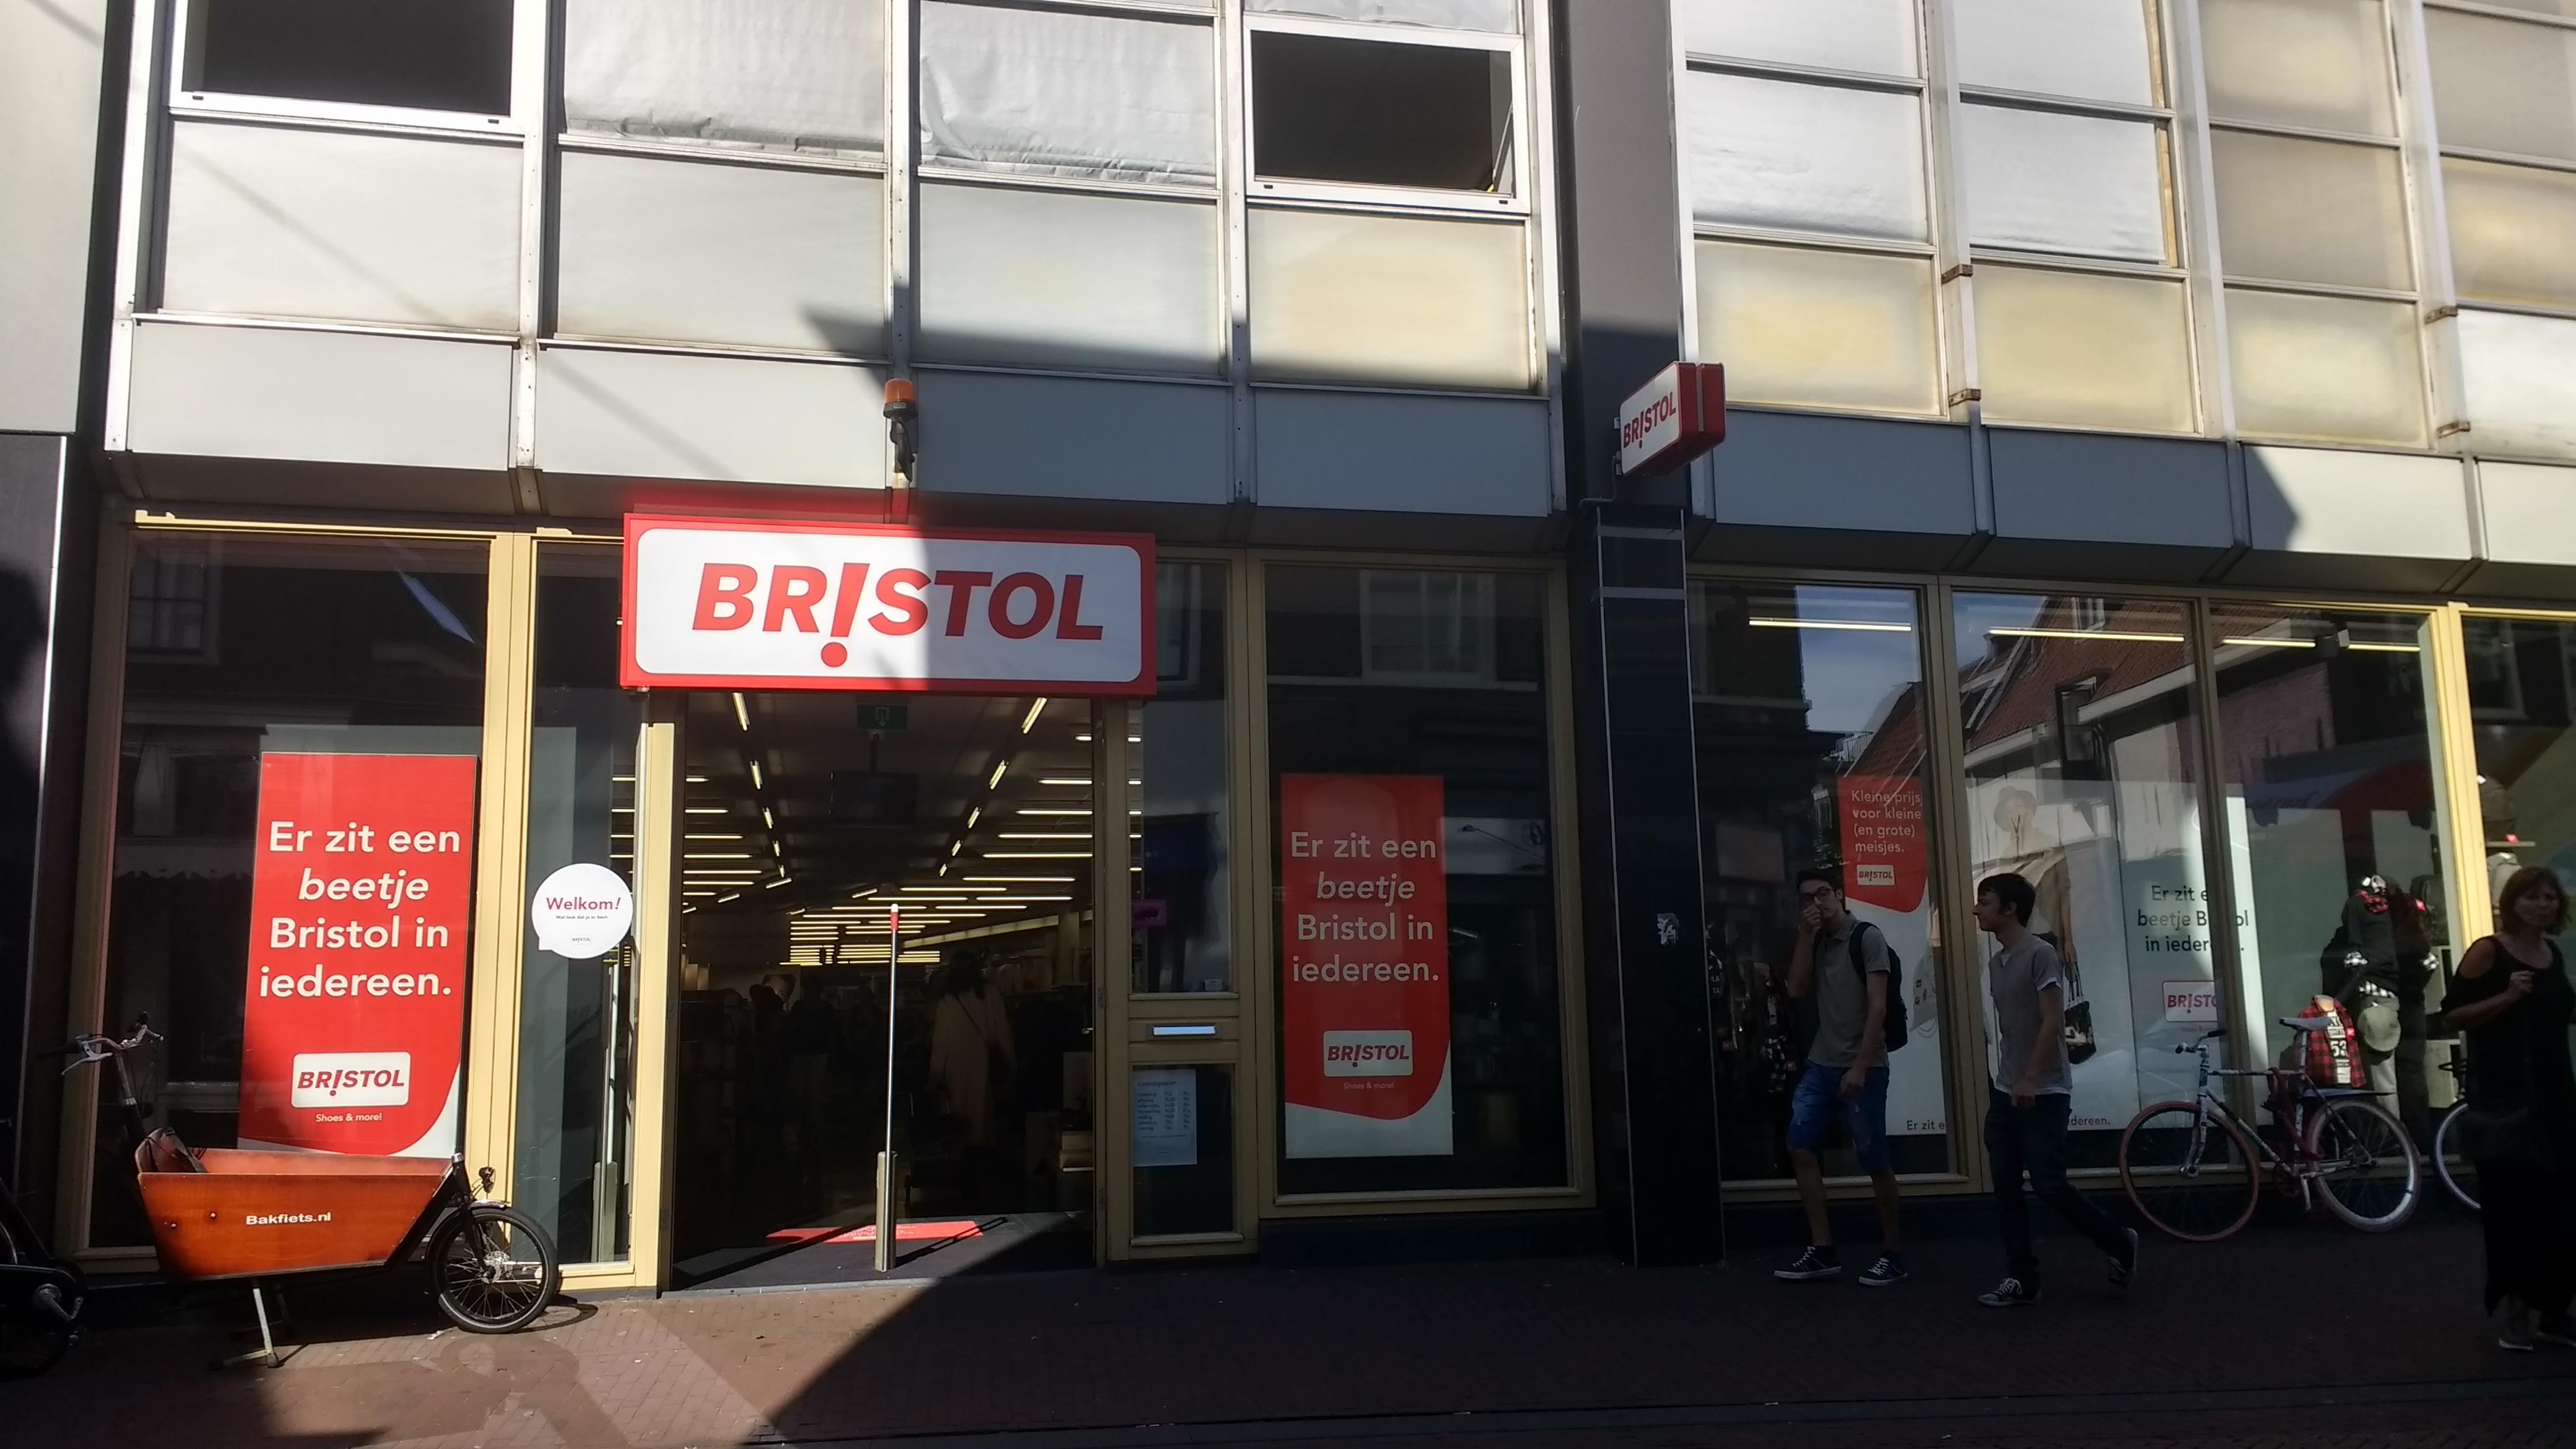 Nike levert niet meer aan goedkope ketens, Bristol sleept